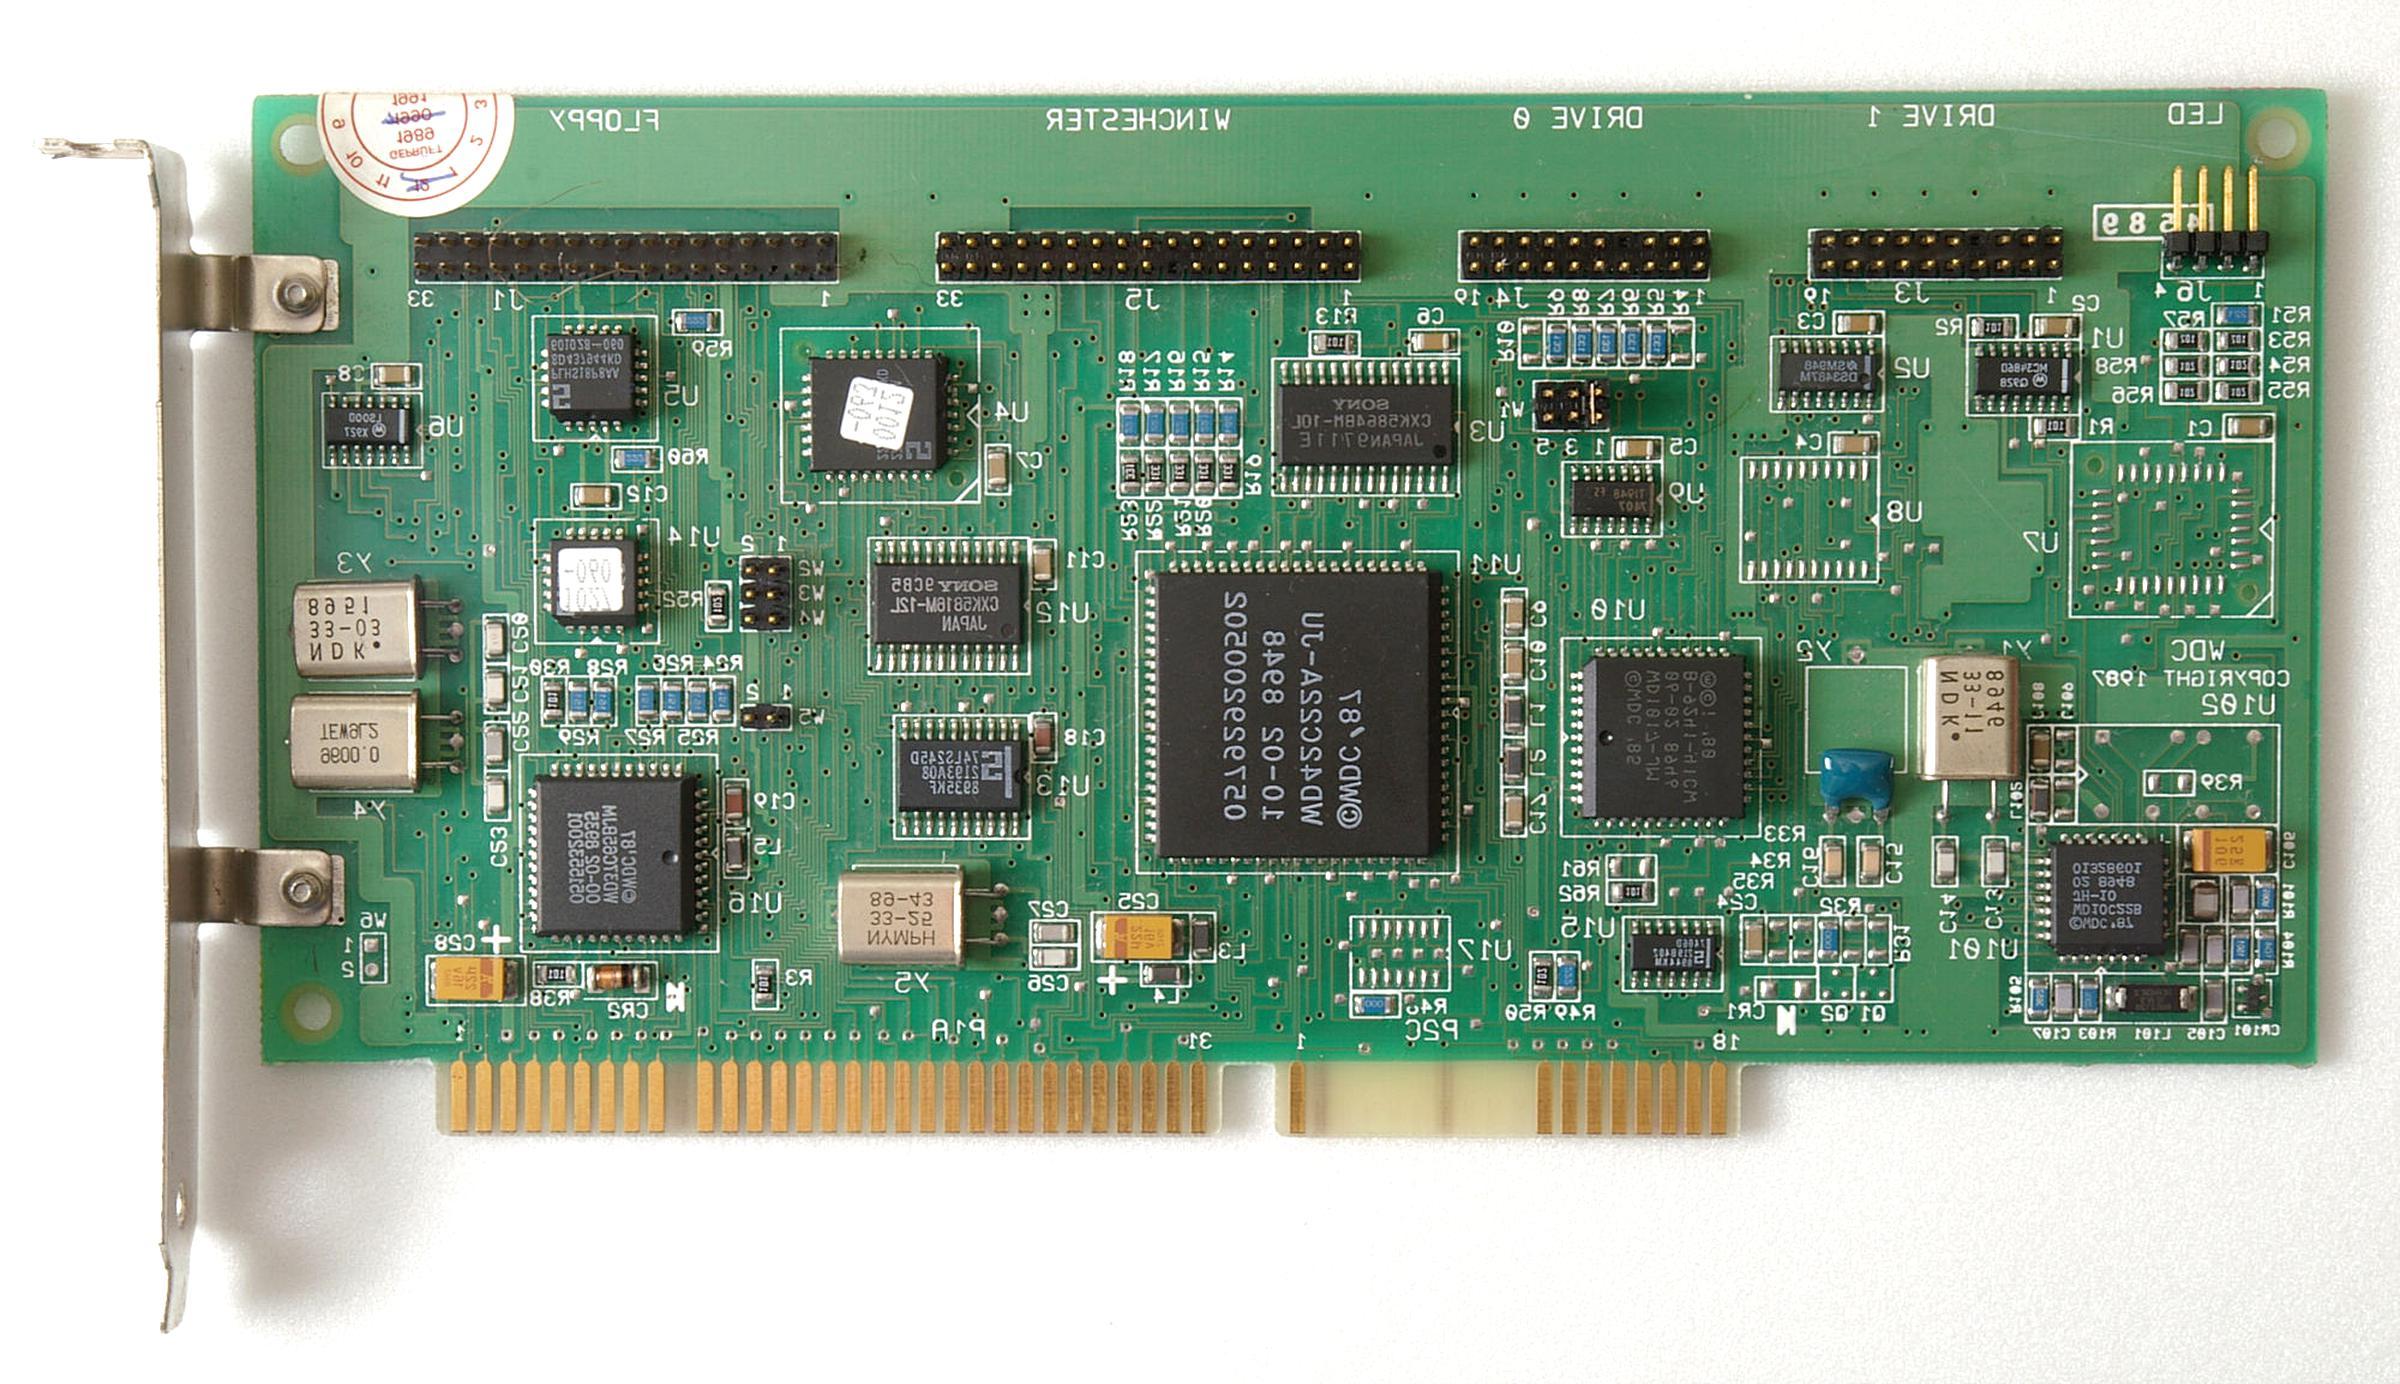 festplatten controller gebraucht kaufen